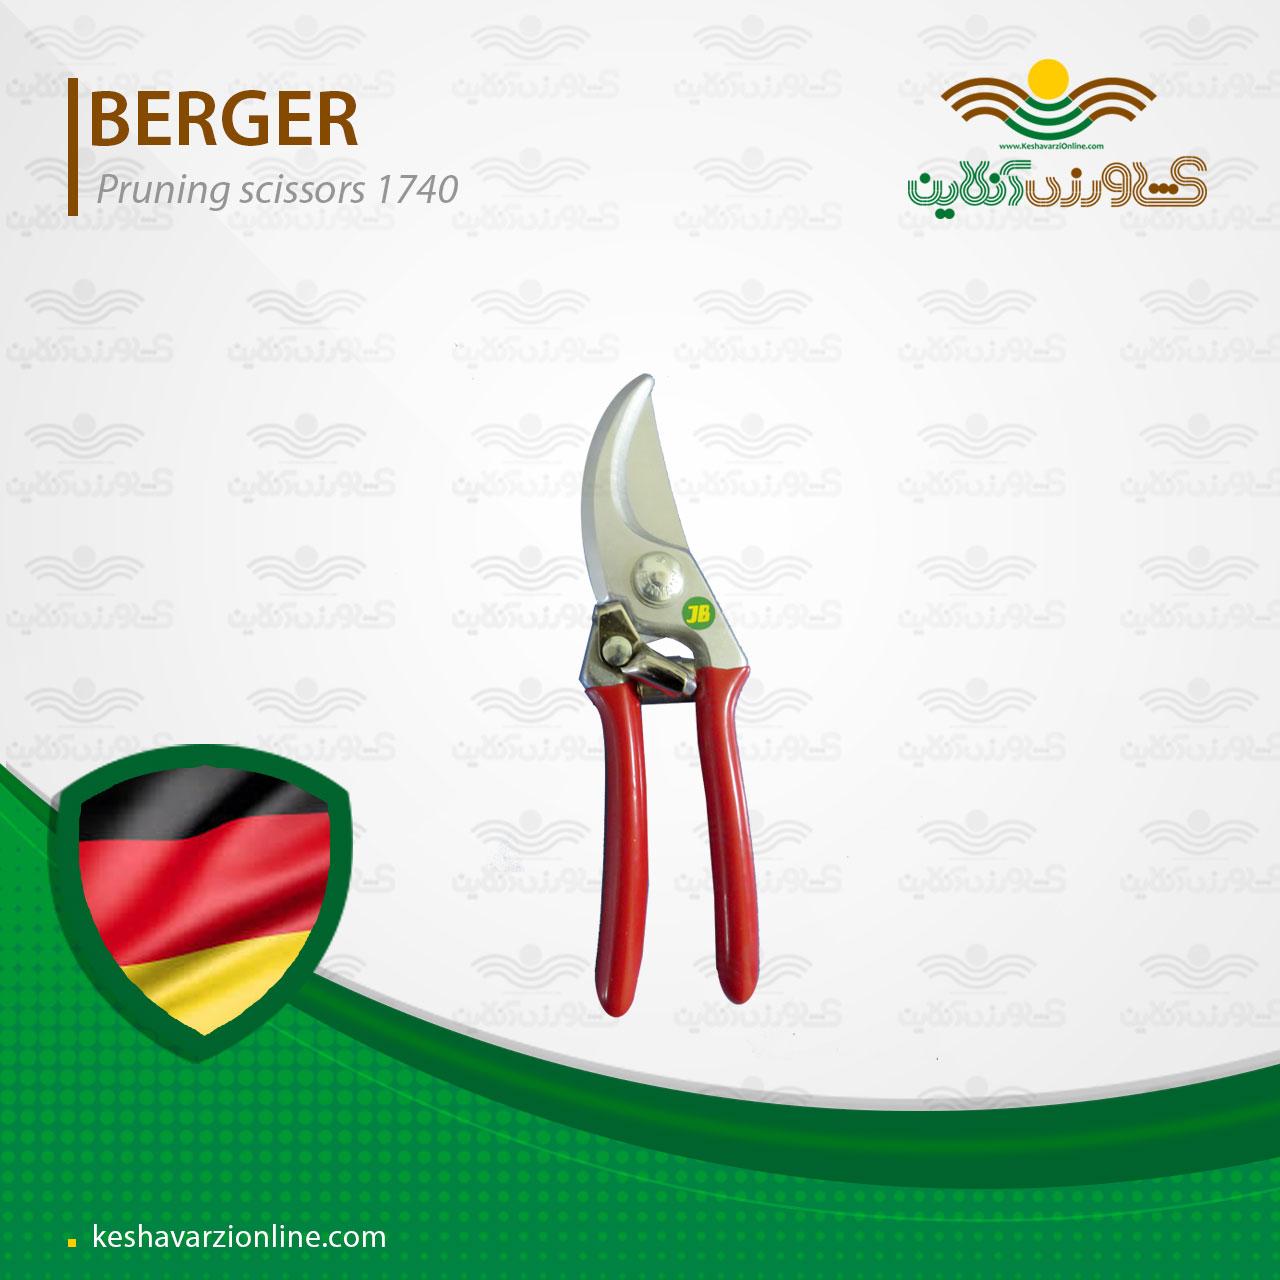 قیچی آلمانی برگر 1740